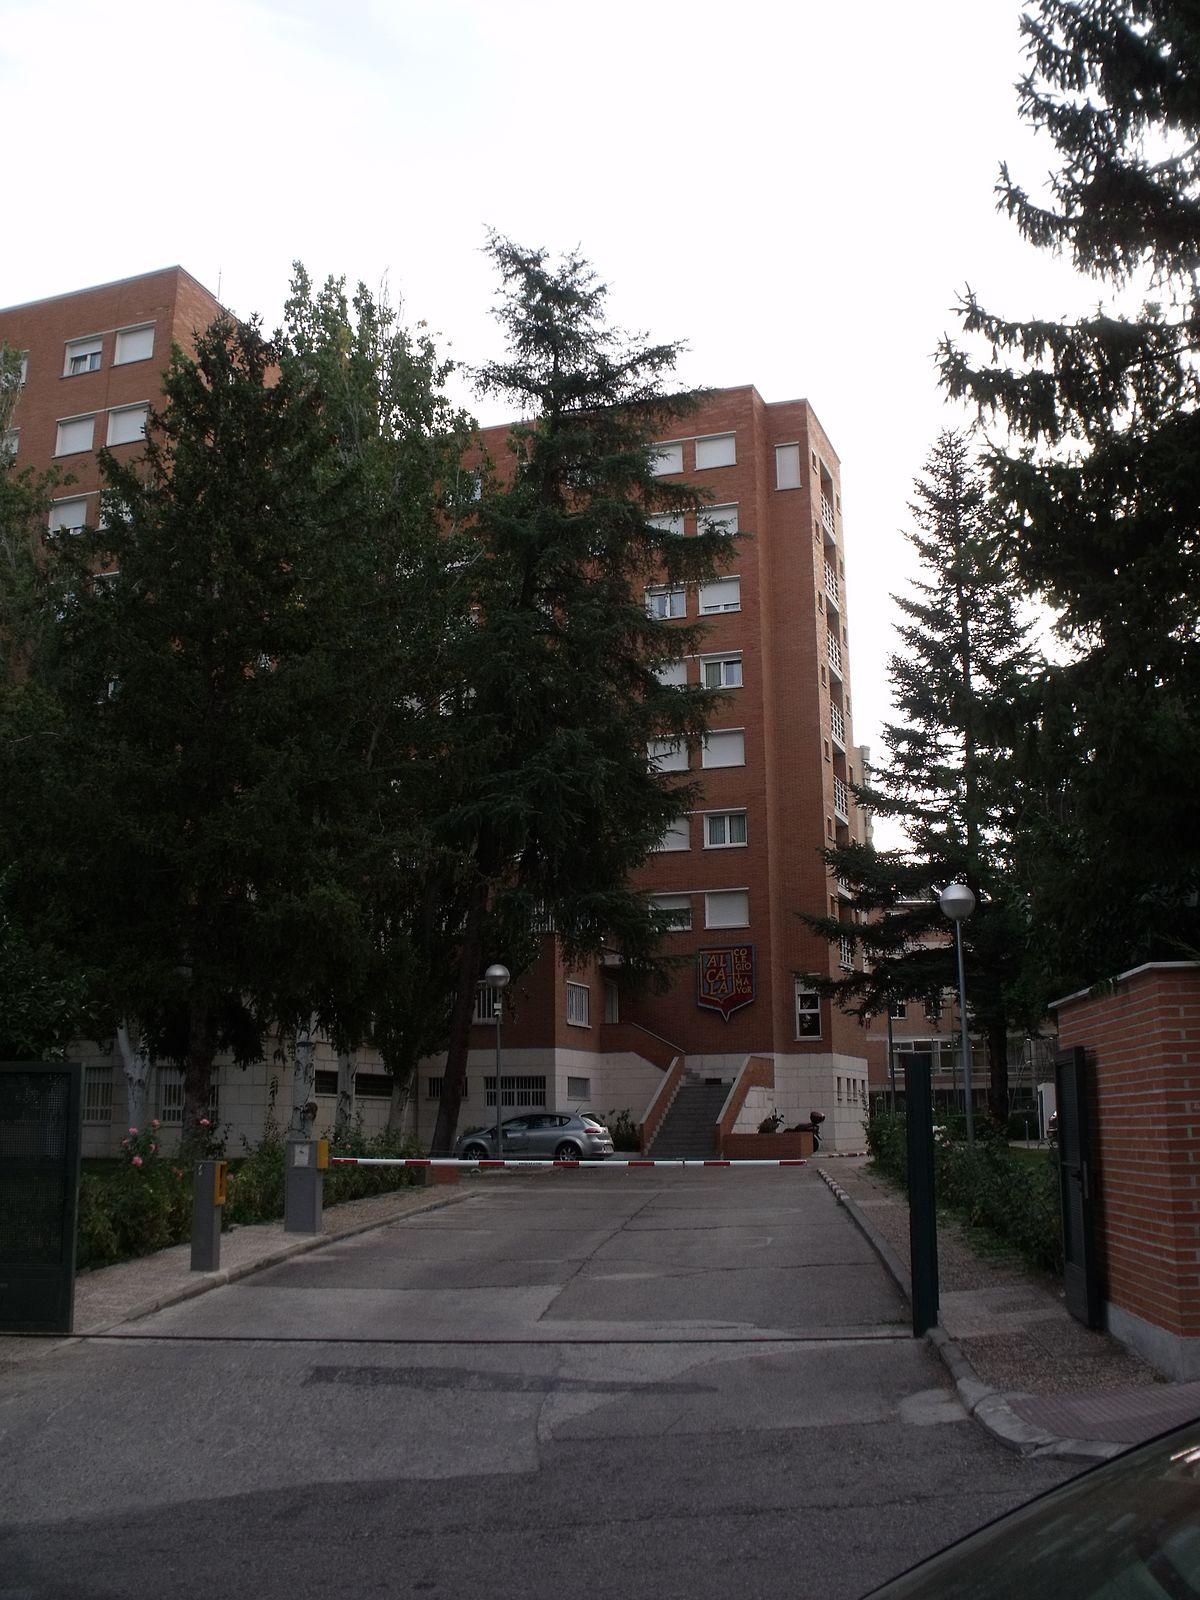 Colegio mayor alcal wikidata - Colegio escolapias madrid ...